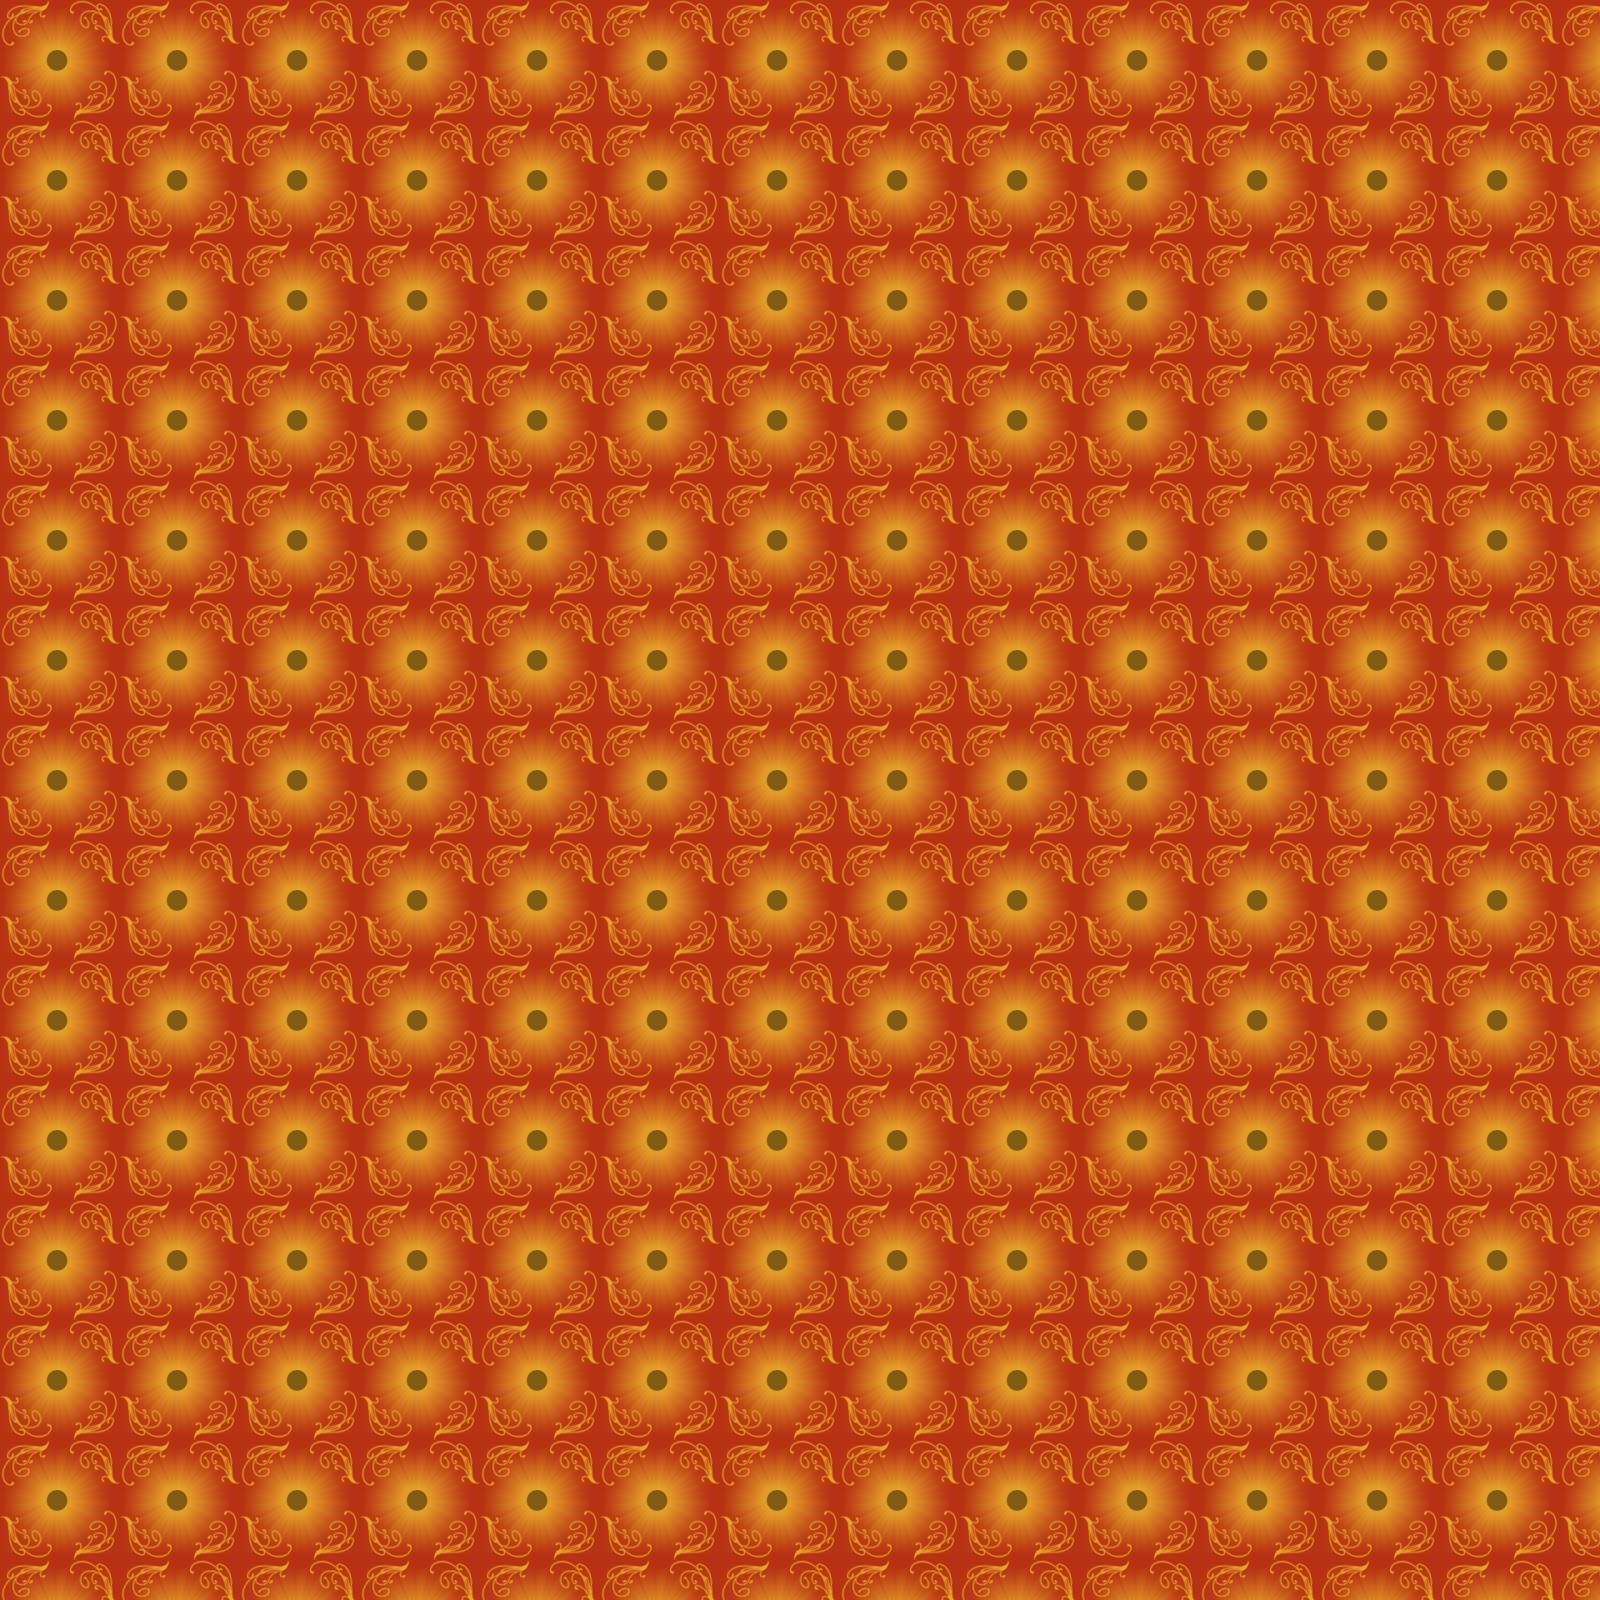 http://4.bp.blogspot.com/-b12vH--Ghd0/UGw3v_CKneI/AAAAAAAAFu8/H7UlsM9hZCU/s1600/wallpaper+jill+55.jpg